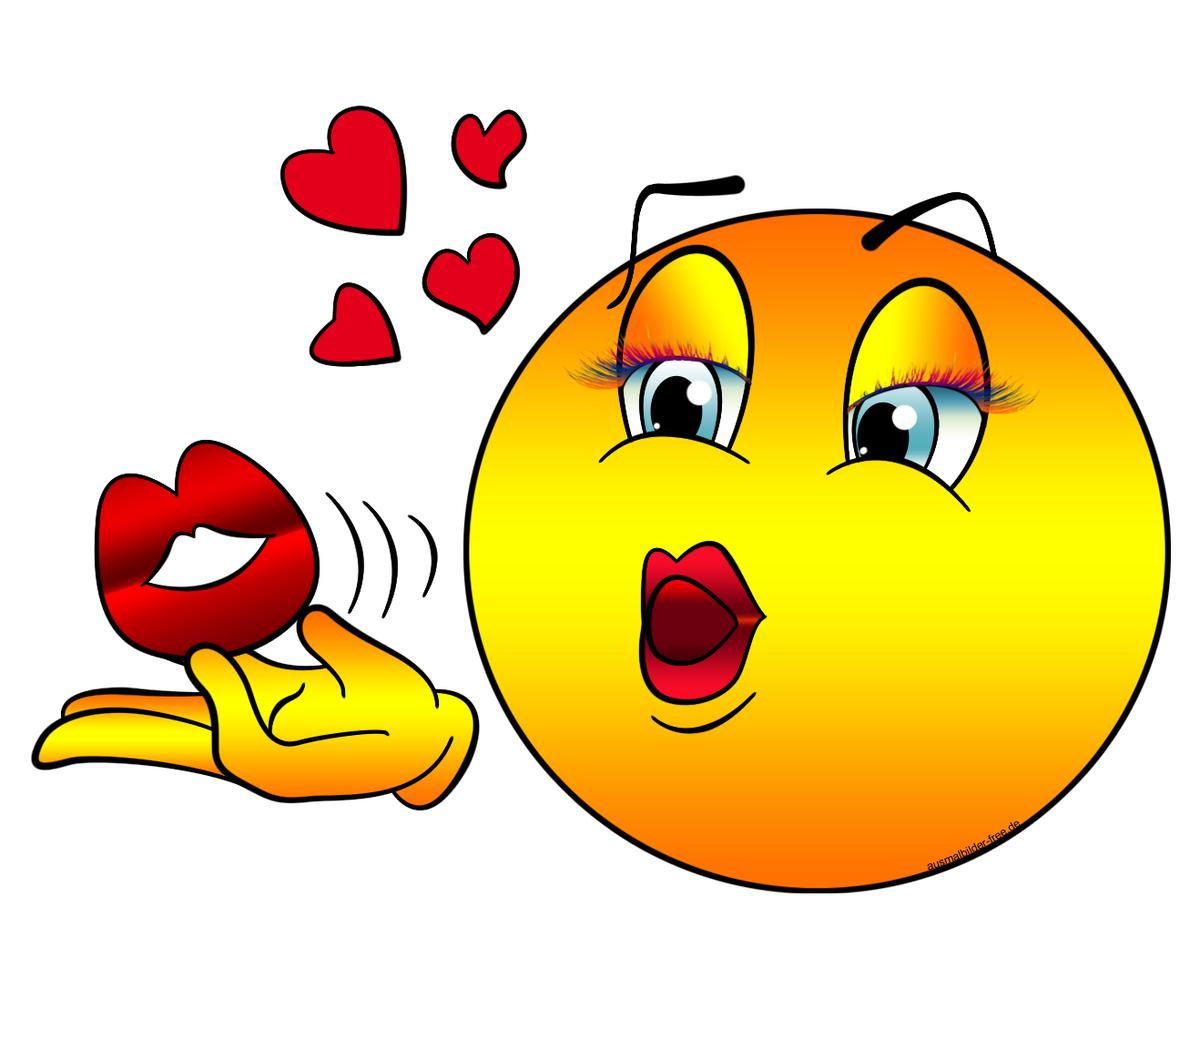 Смайлики картинки веселые поцелуйчики, месяца мальчику картинки